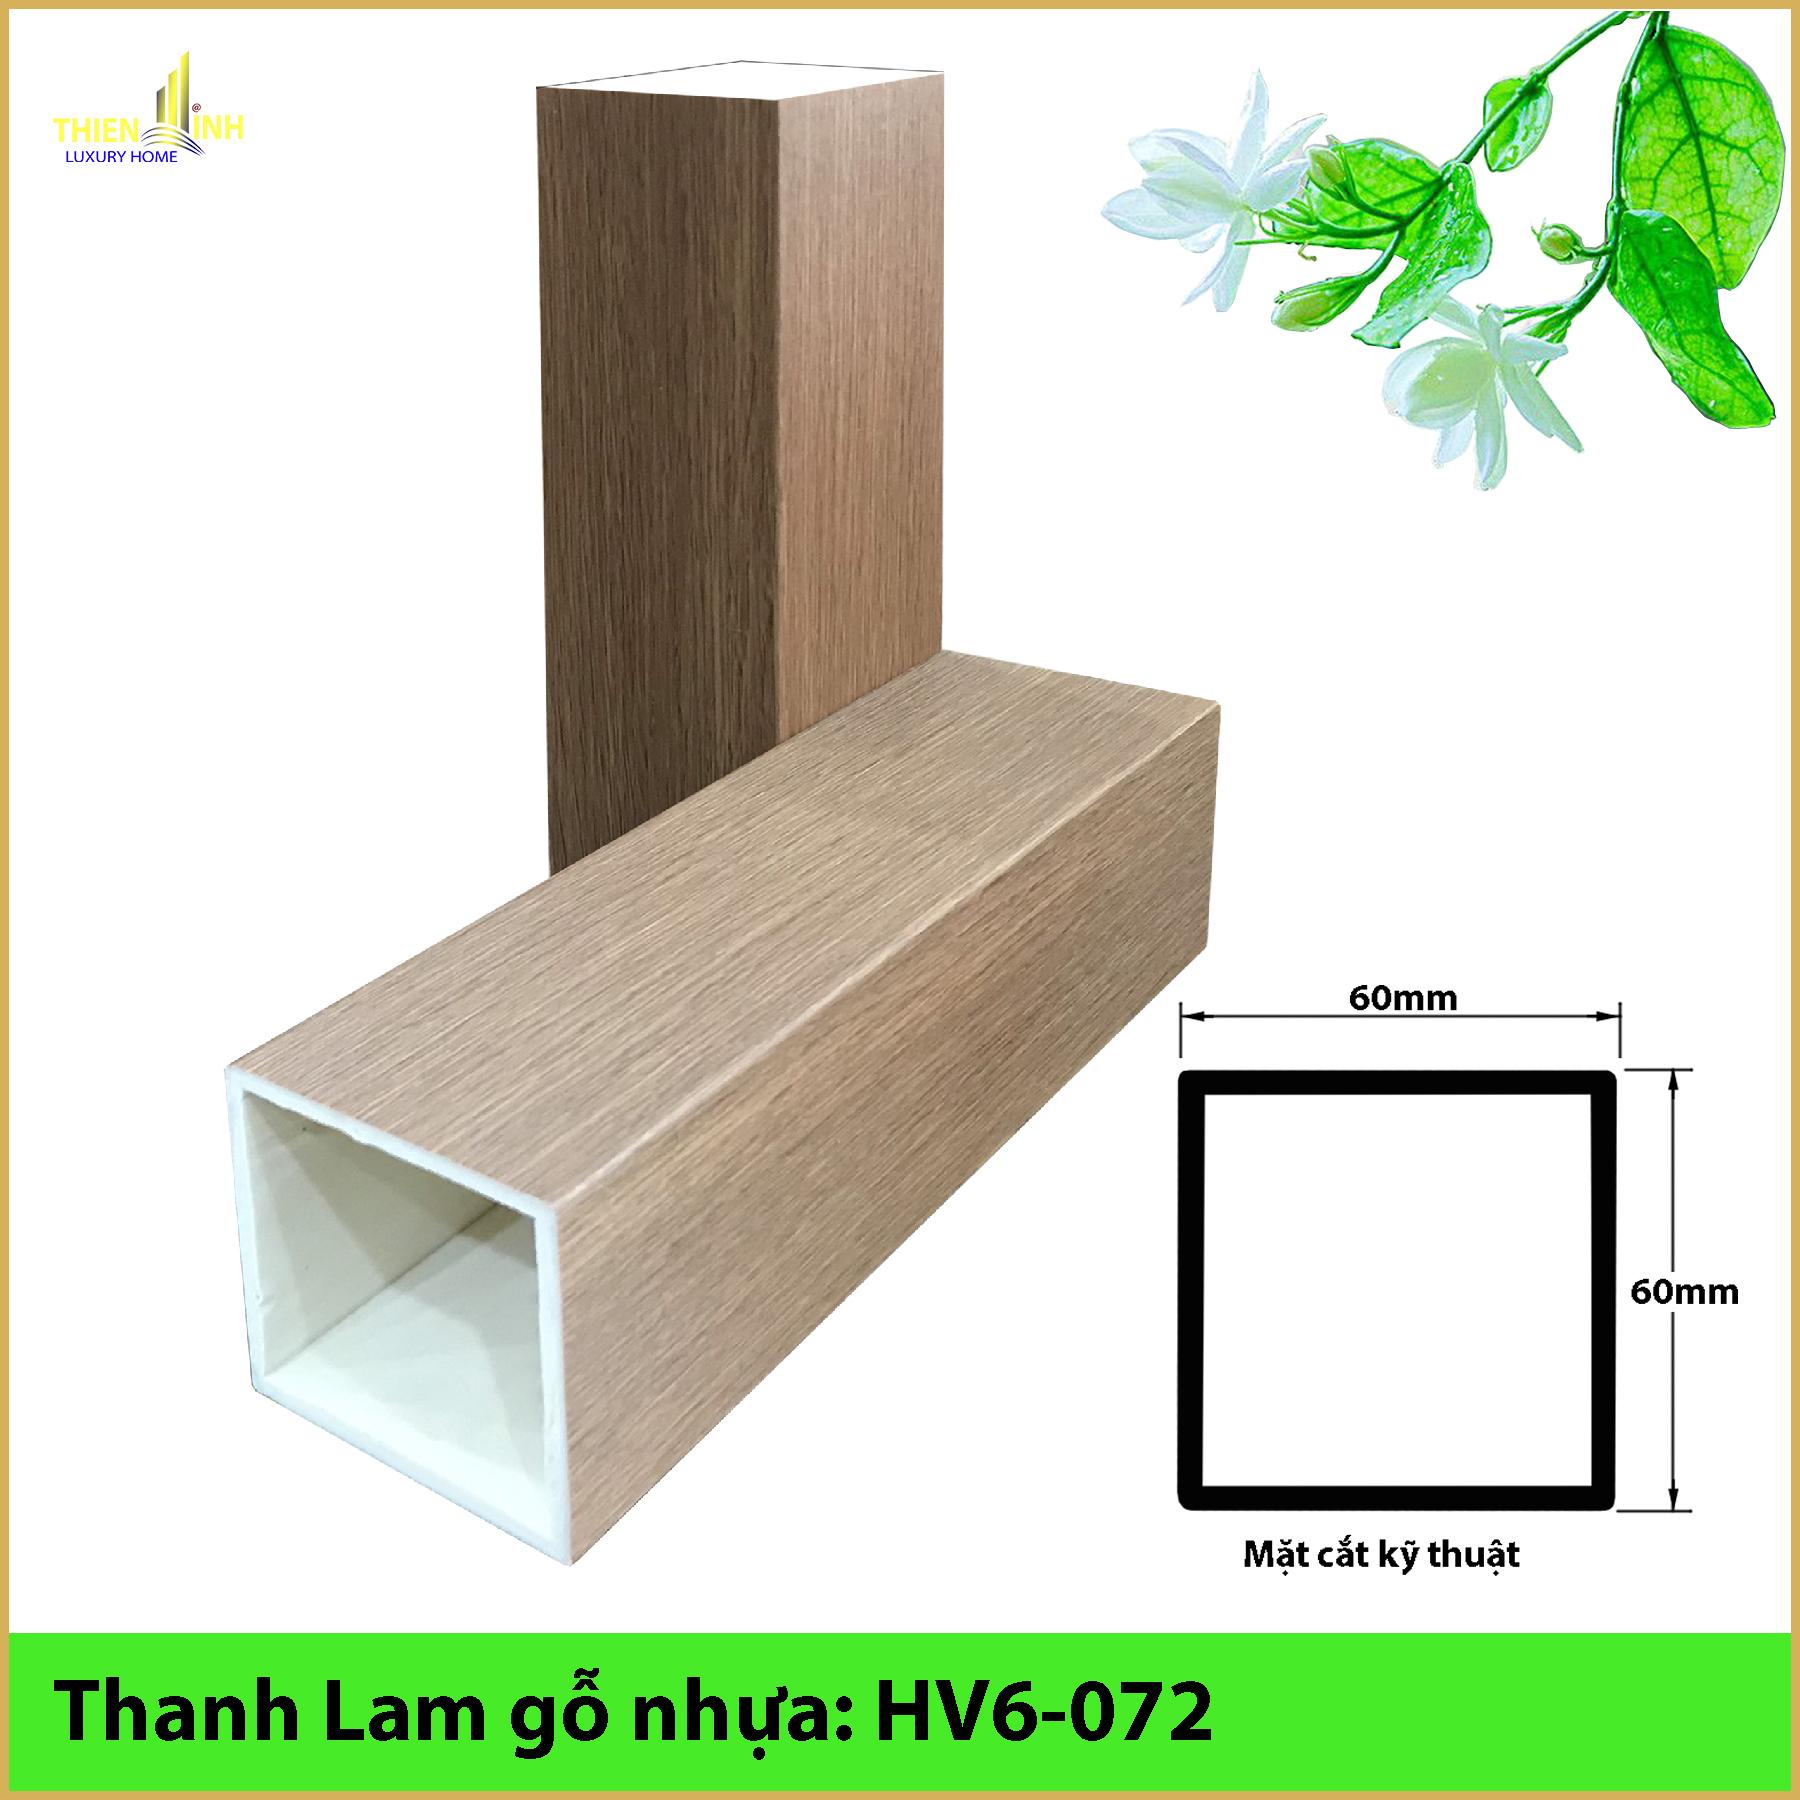 Thanh Lam gỗ nhựa HV6-072